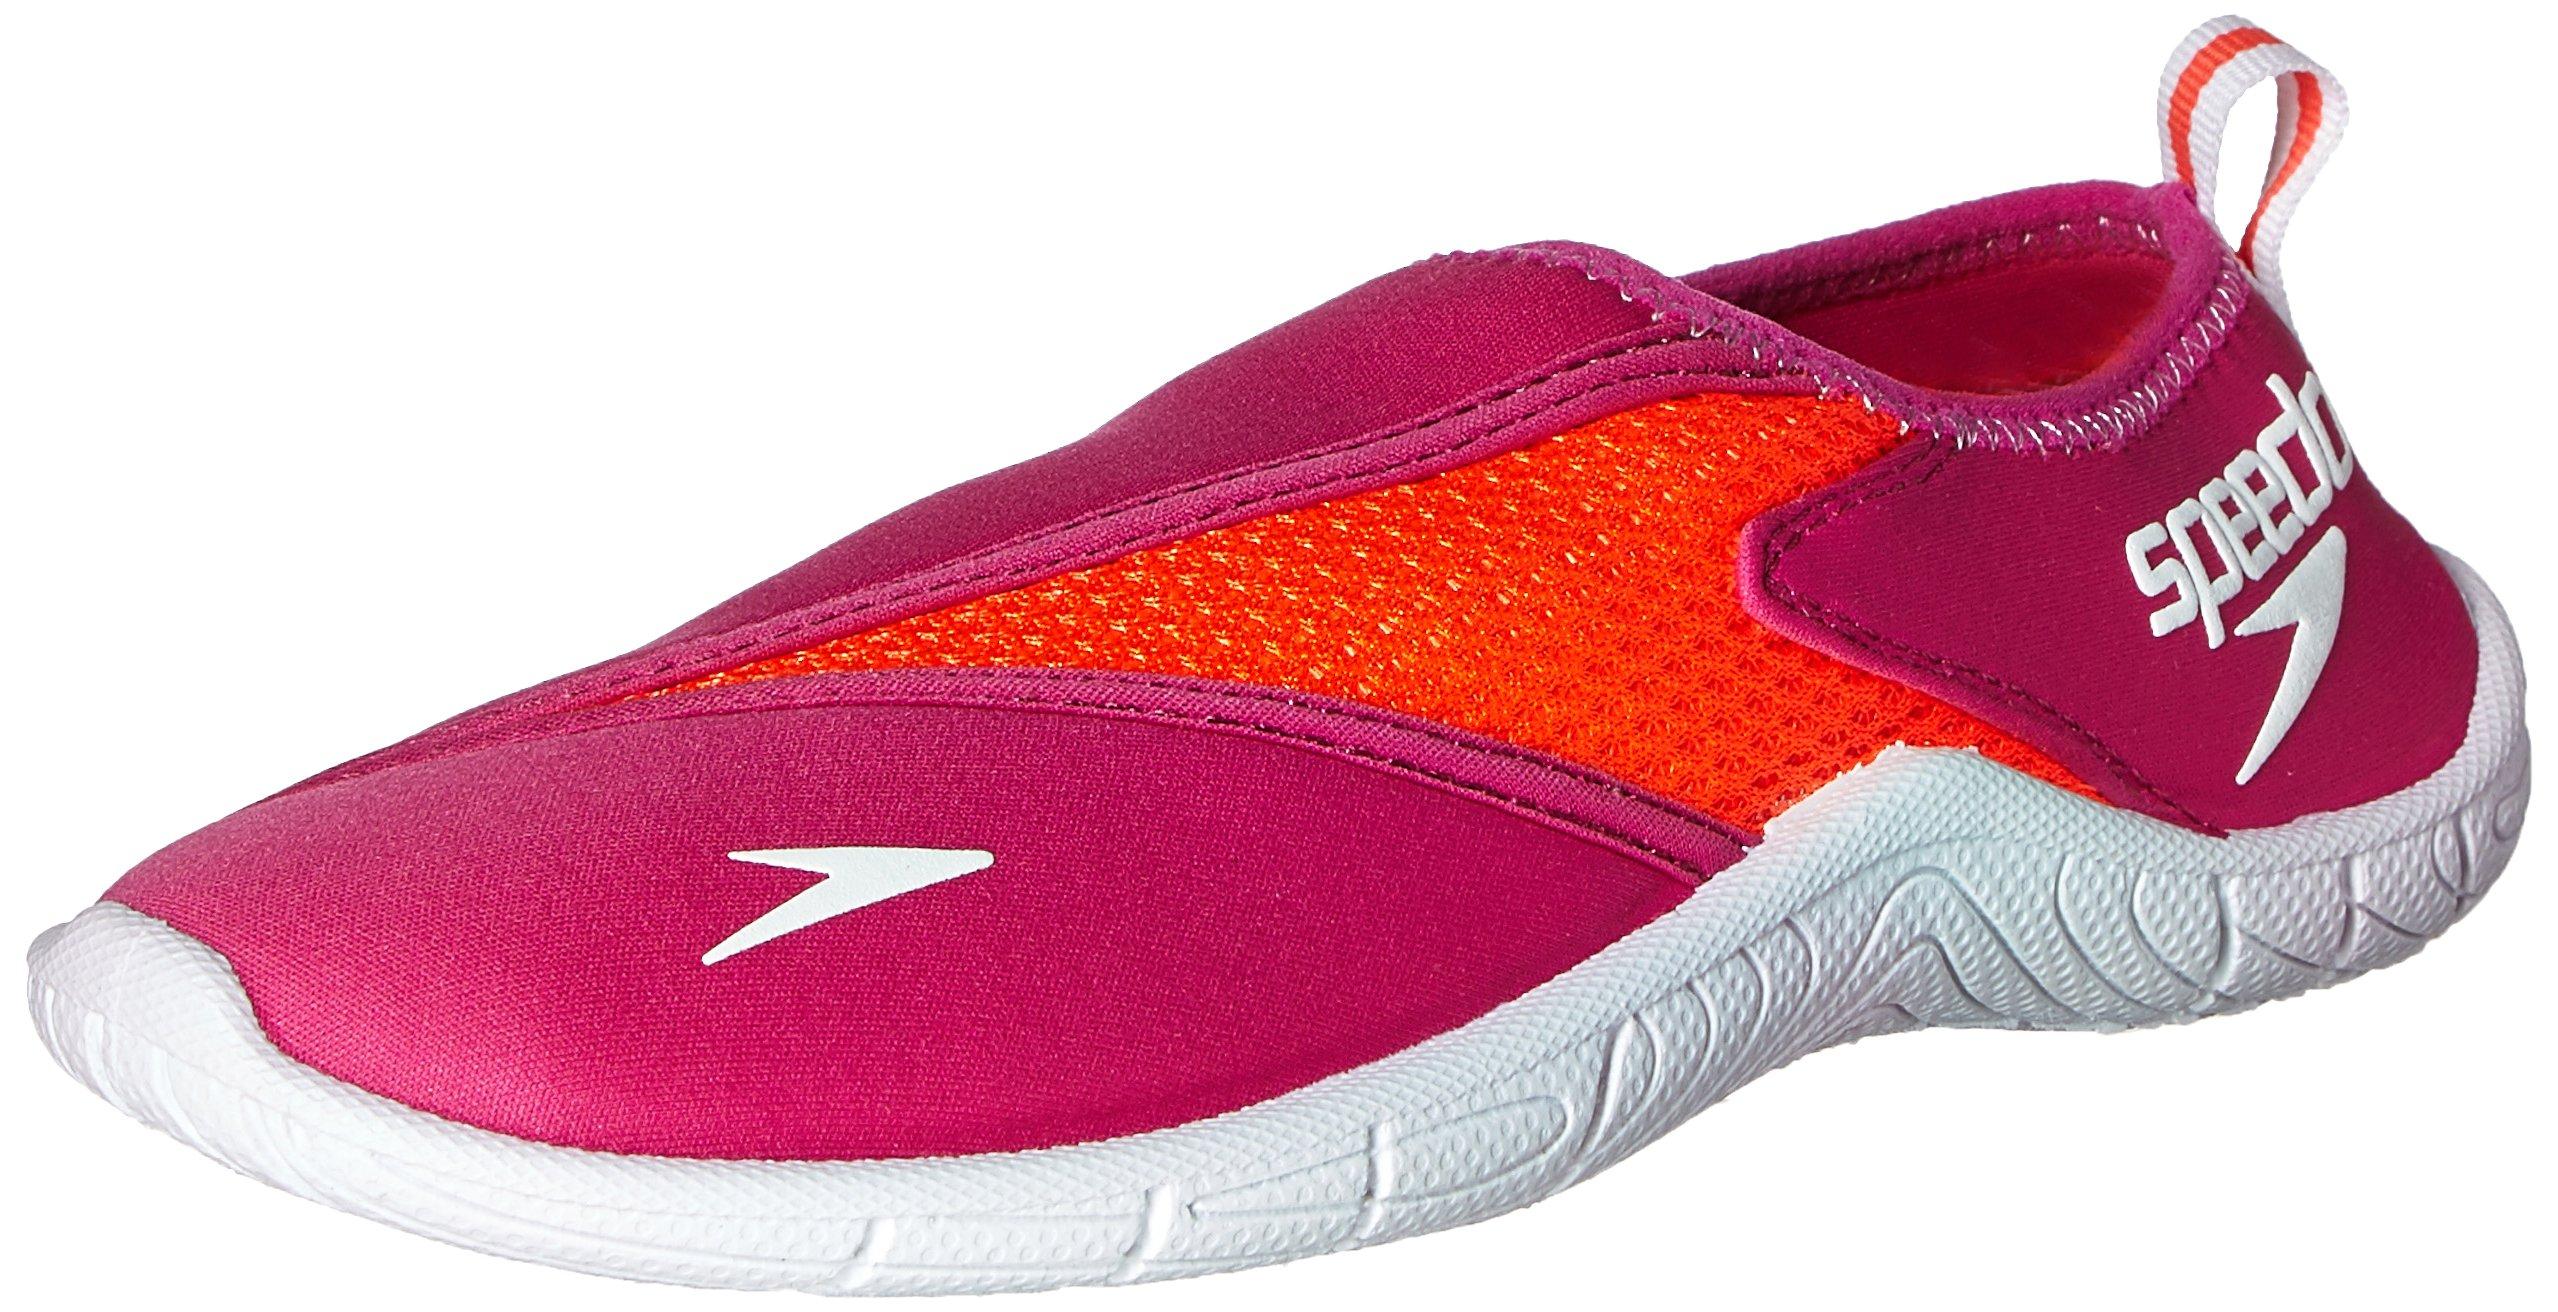 Speedo Women's Surfwalker Pro 3.0 Water Shoe, Pink/White, 11 by Speedo